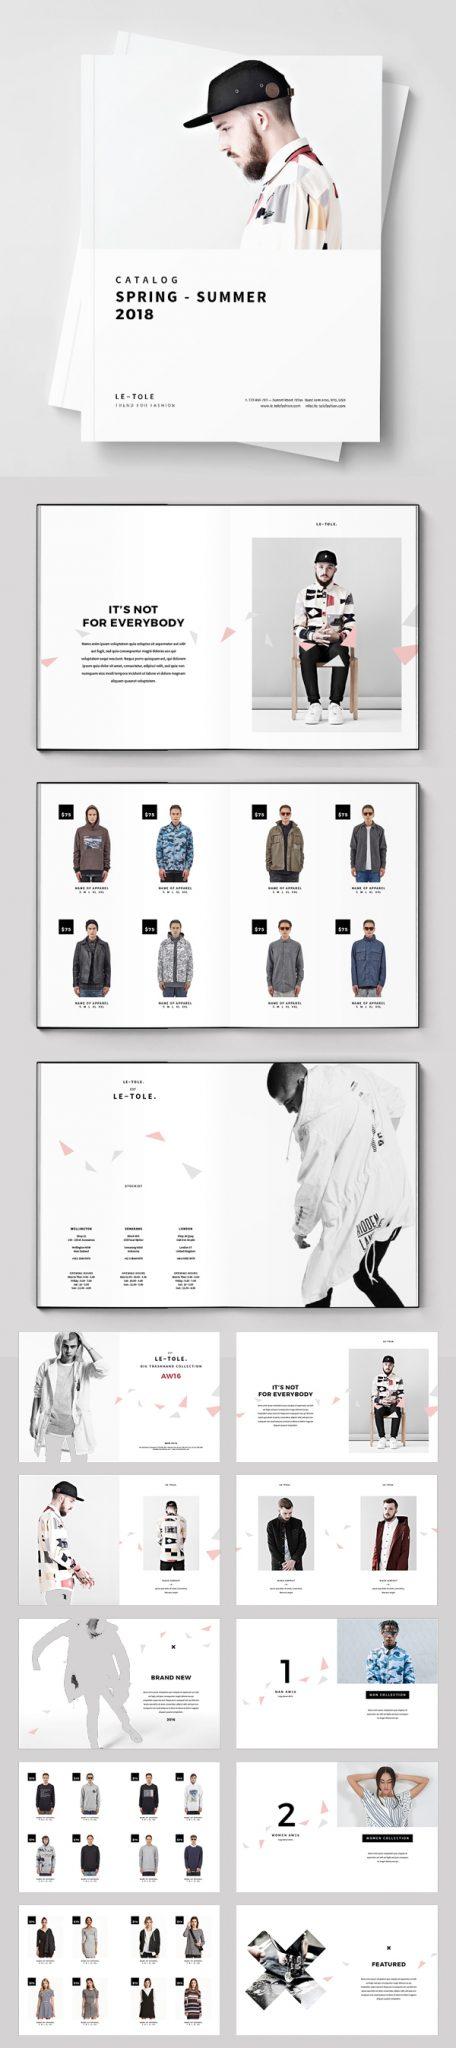 Plantilla de folleto de moda